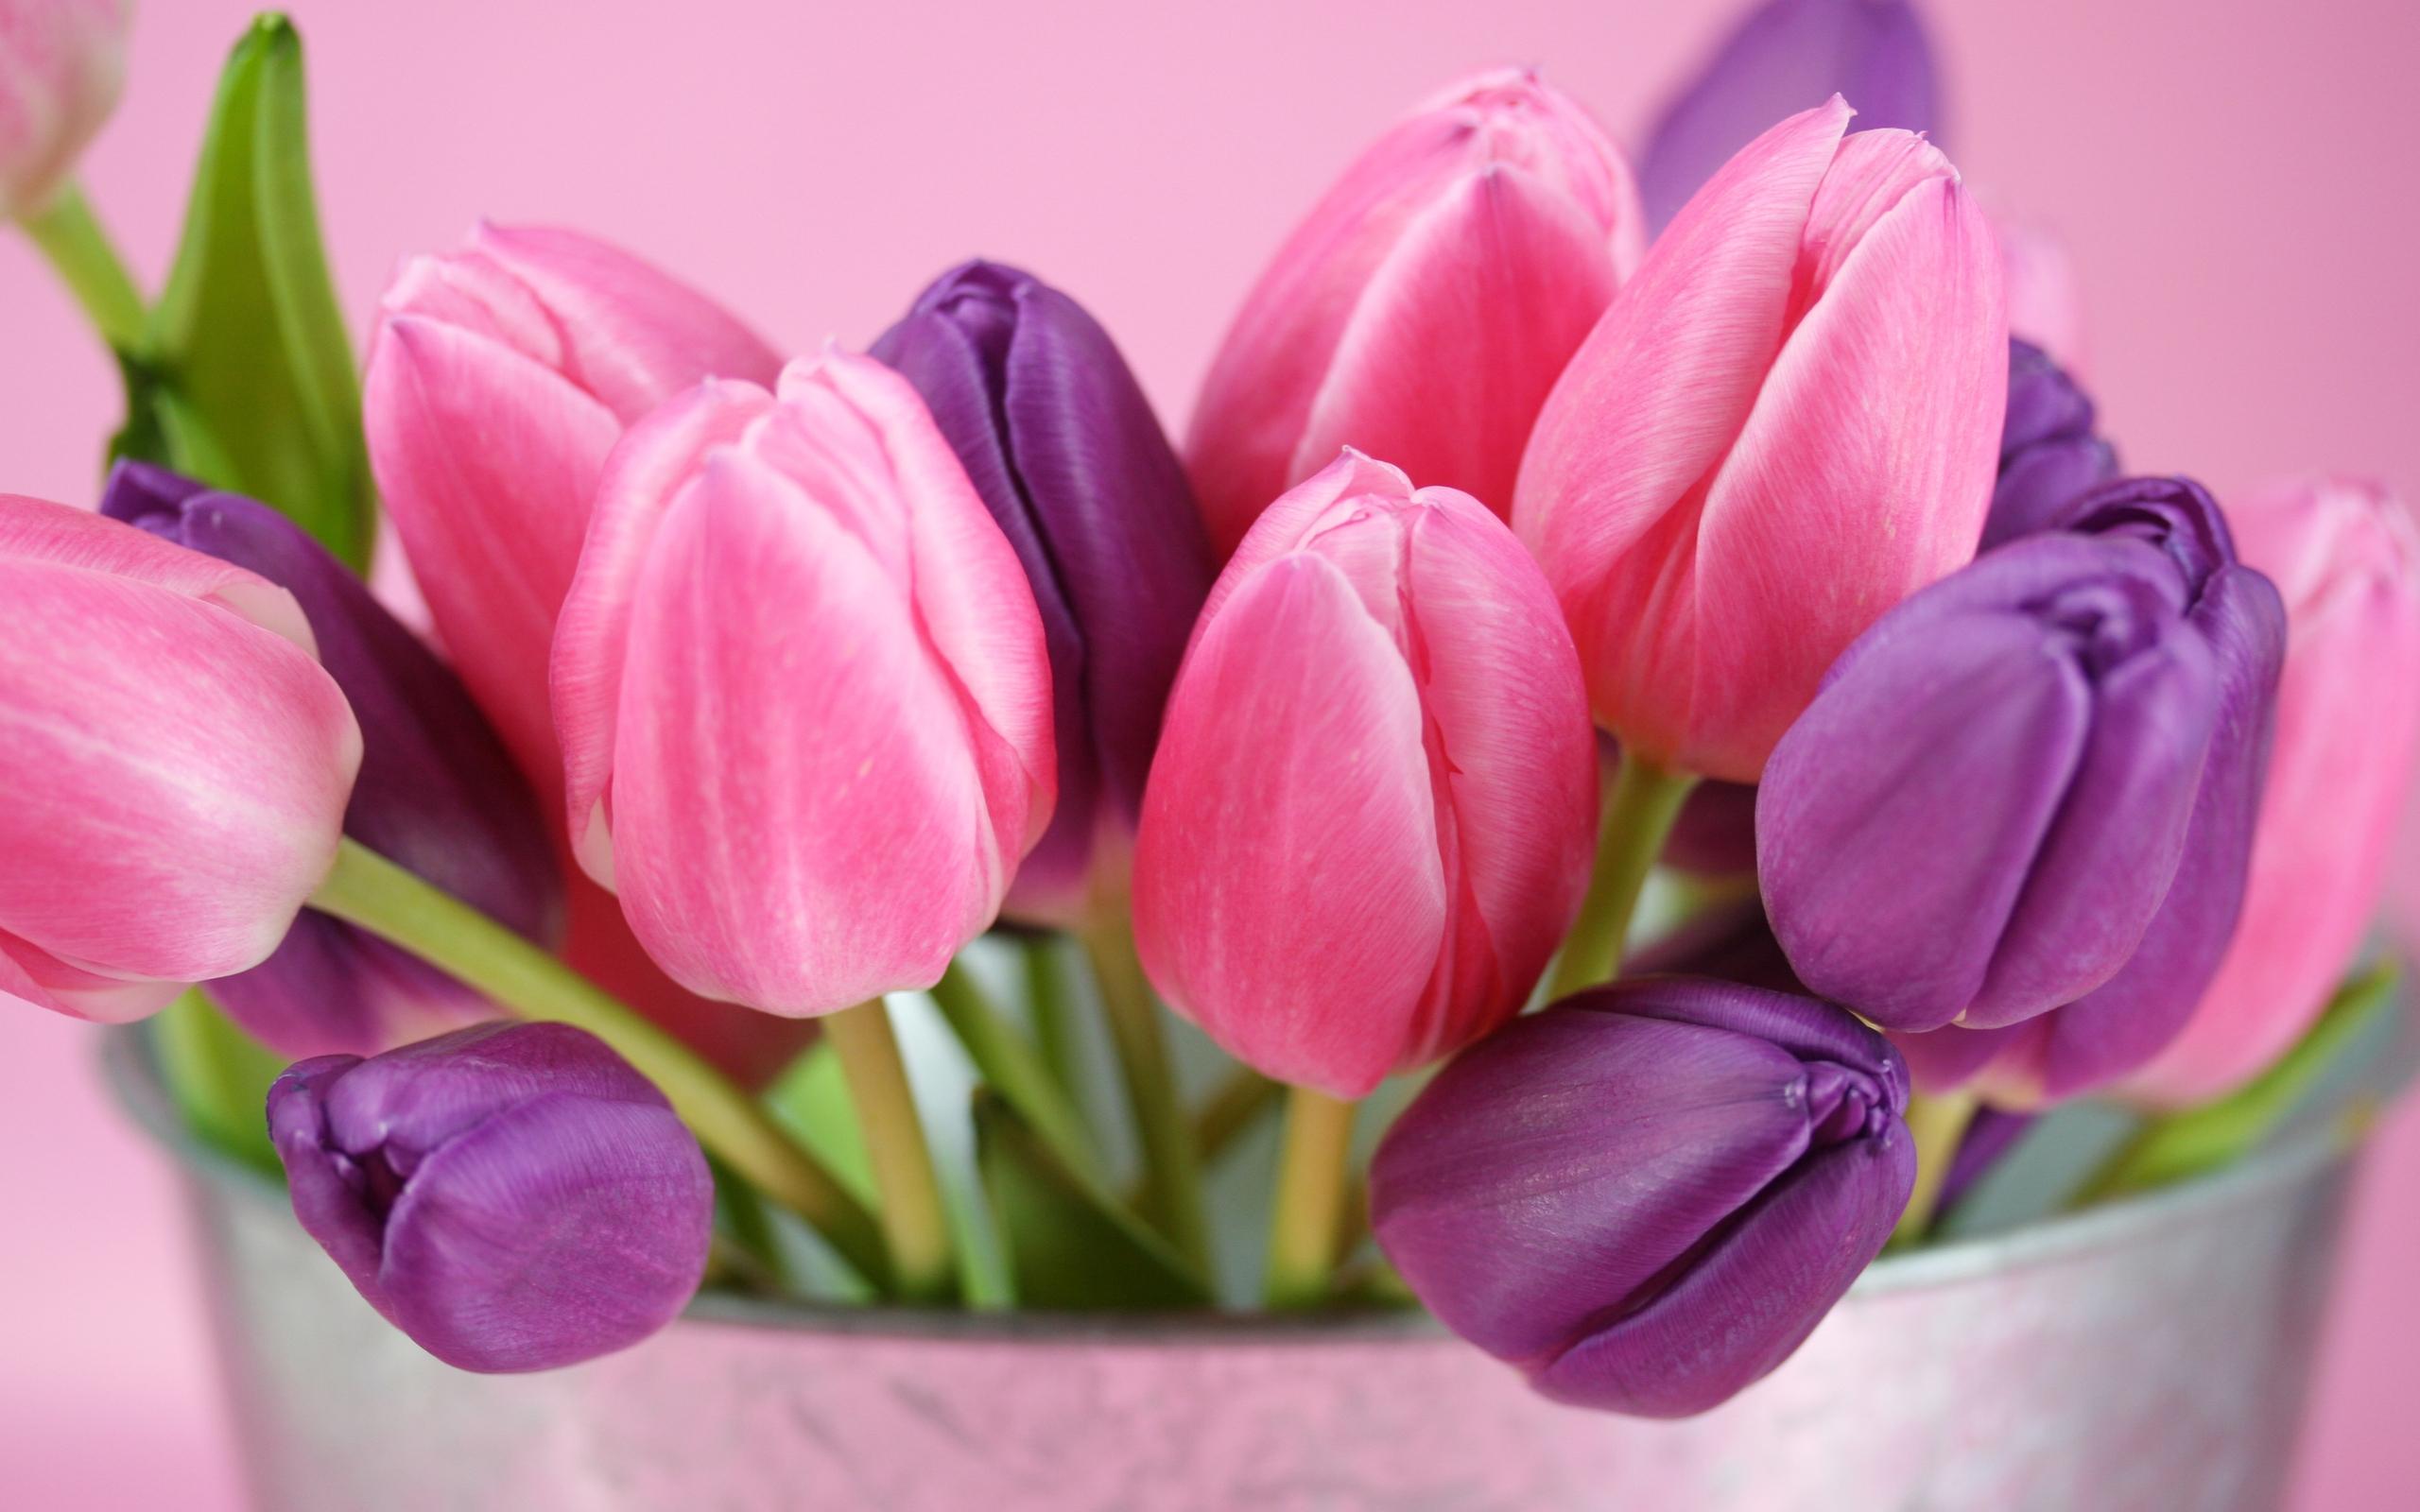 32771 скачать обои Растения, Цветы, Тюльпаны - заставки и картинки бесплатно